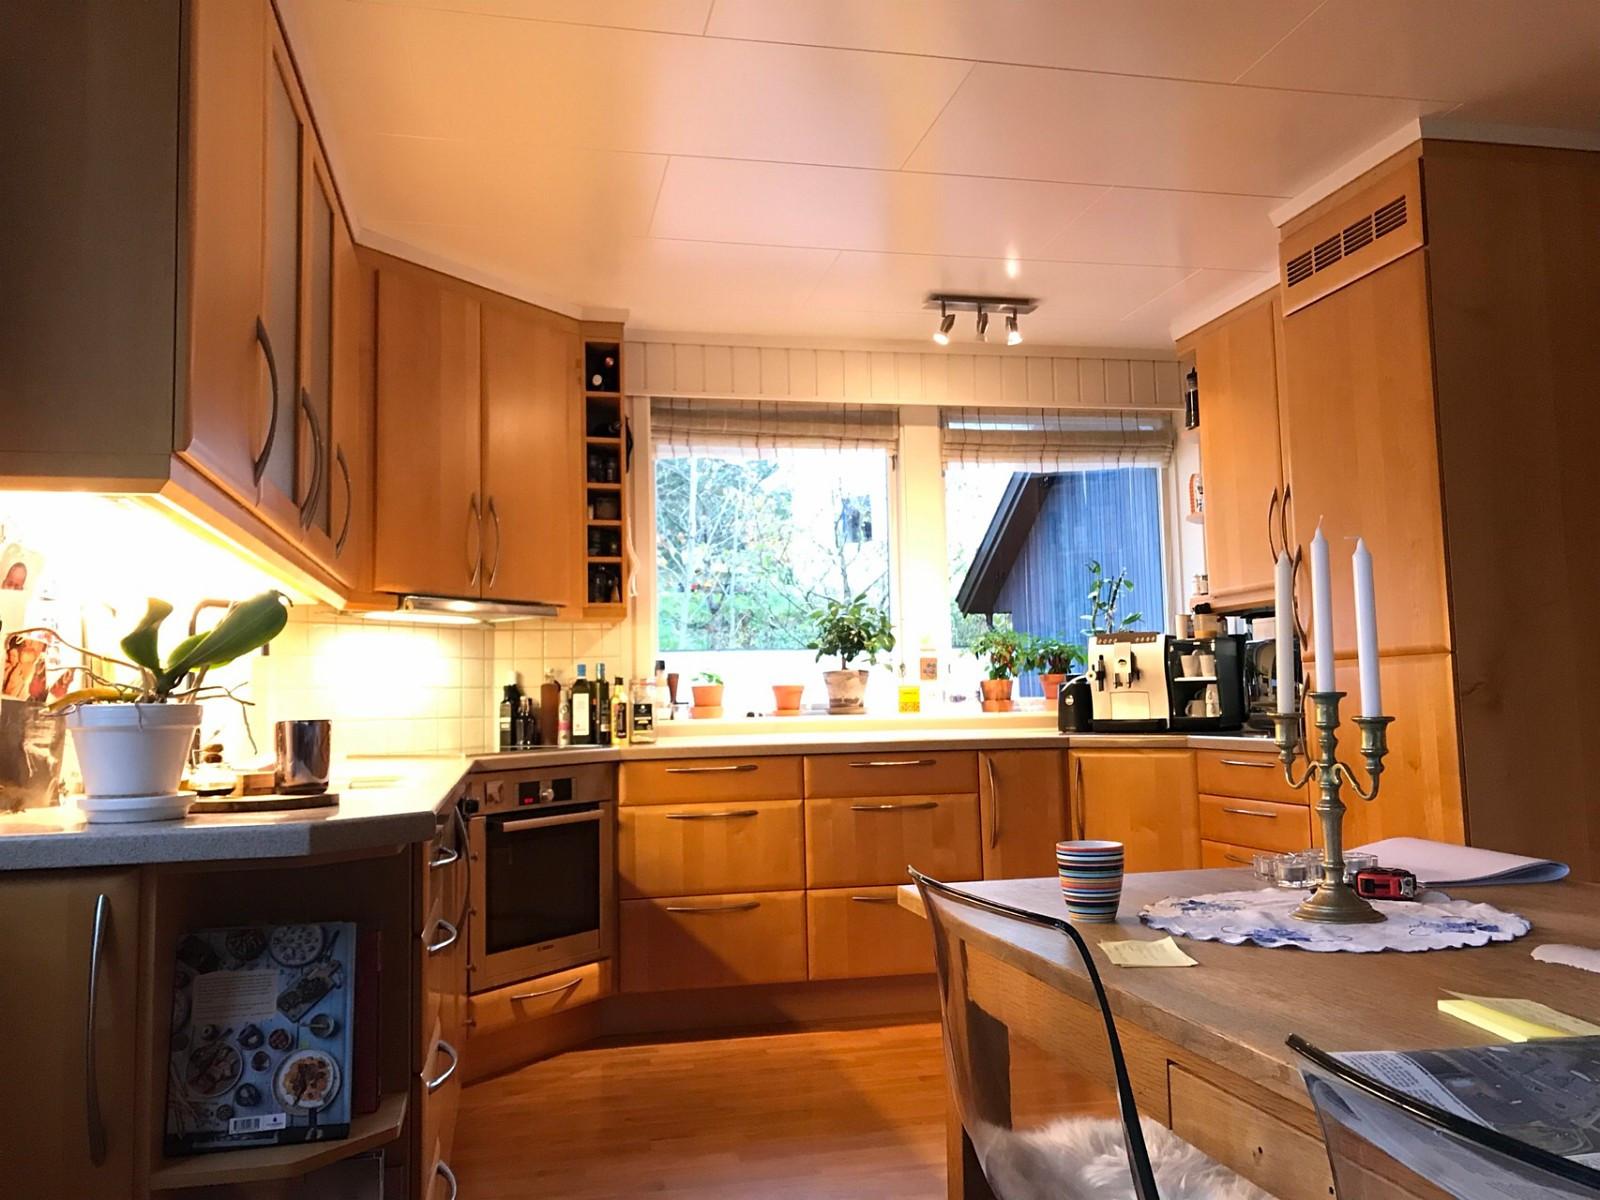 Kjøkken - Torød  - Pent og komplett kjøkkeninnredning fra Huseby, Oliven Honningtonet Lønn. 2003 modell. Kjøkkenet må demonteres av kjøper, tidspunkt etter avtale, ca slutten av november.  Det kan medfølge følgende hvitevarer: Miele induksjon platetop - Torød